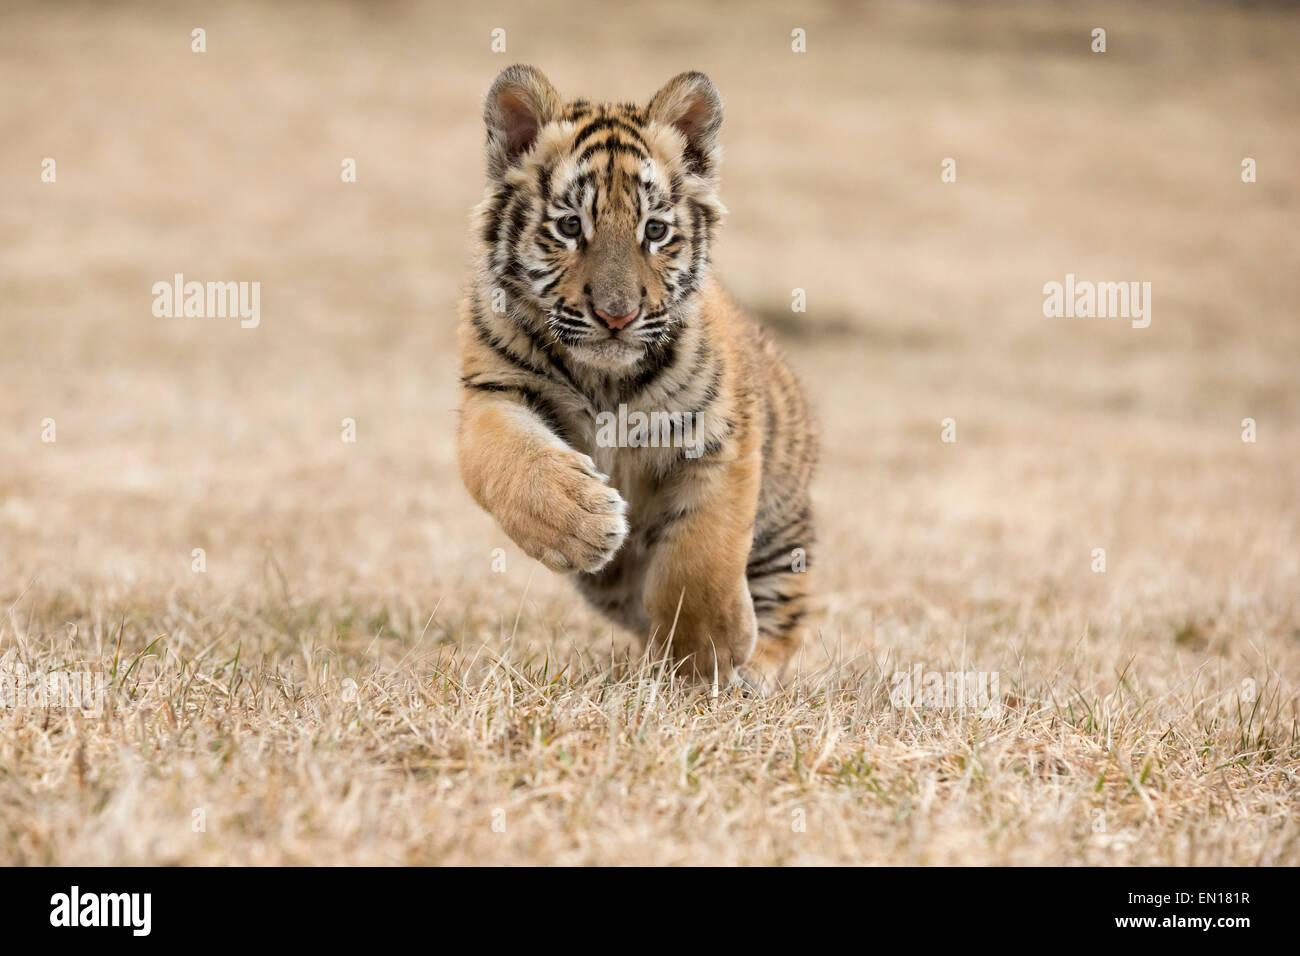 Tigre Siberiana (Panthera Tigris Altaica) cub in esecuzione attraverso l'erba Immagini Stock